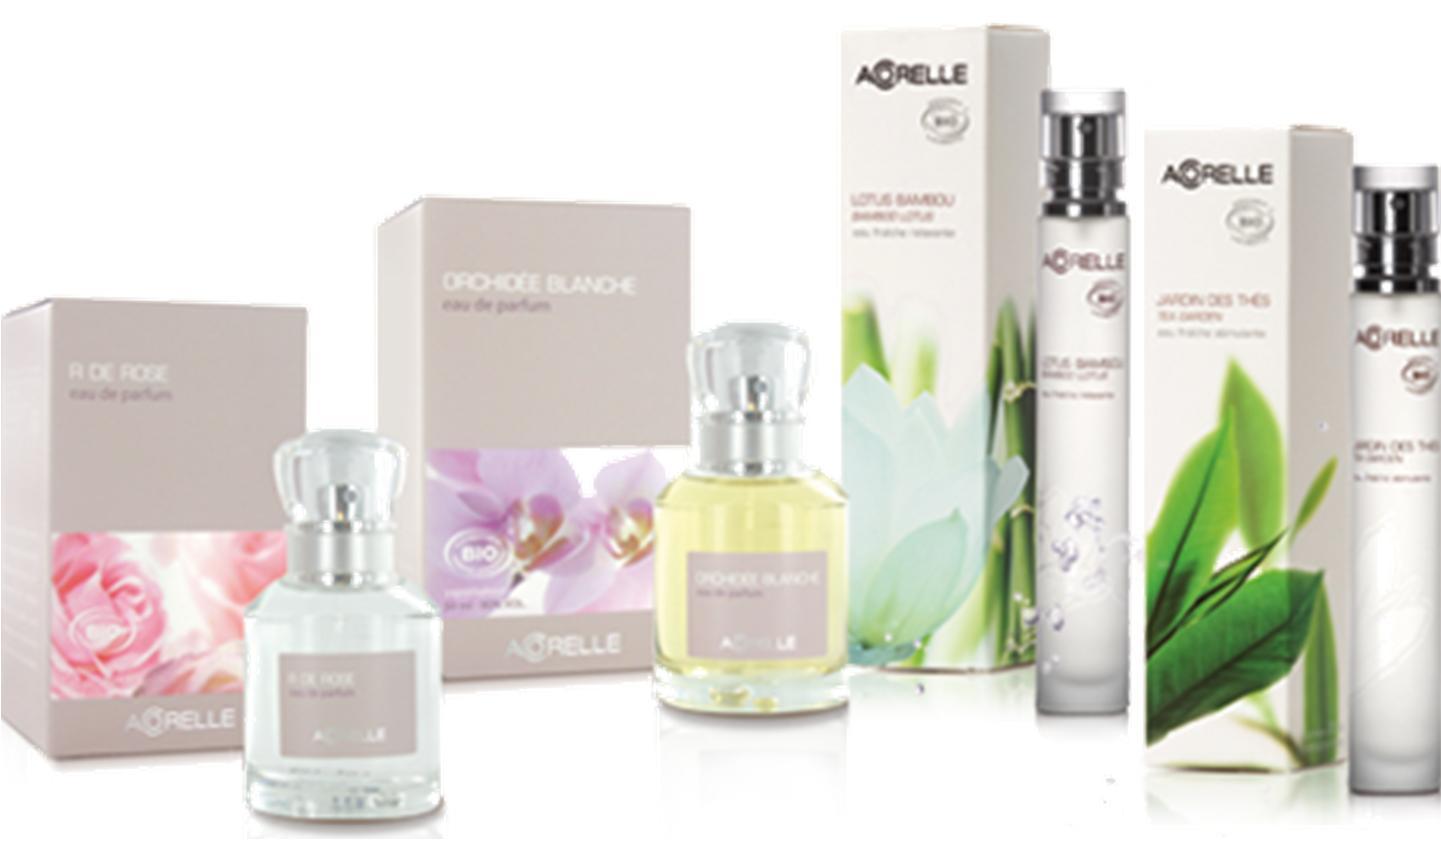 Acorelle økologiske parfymer